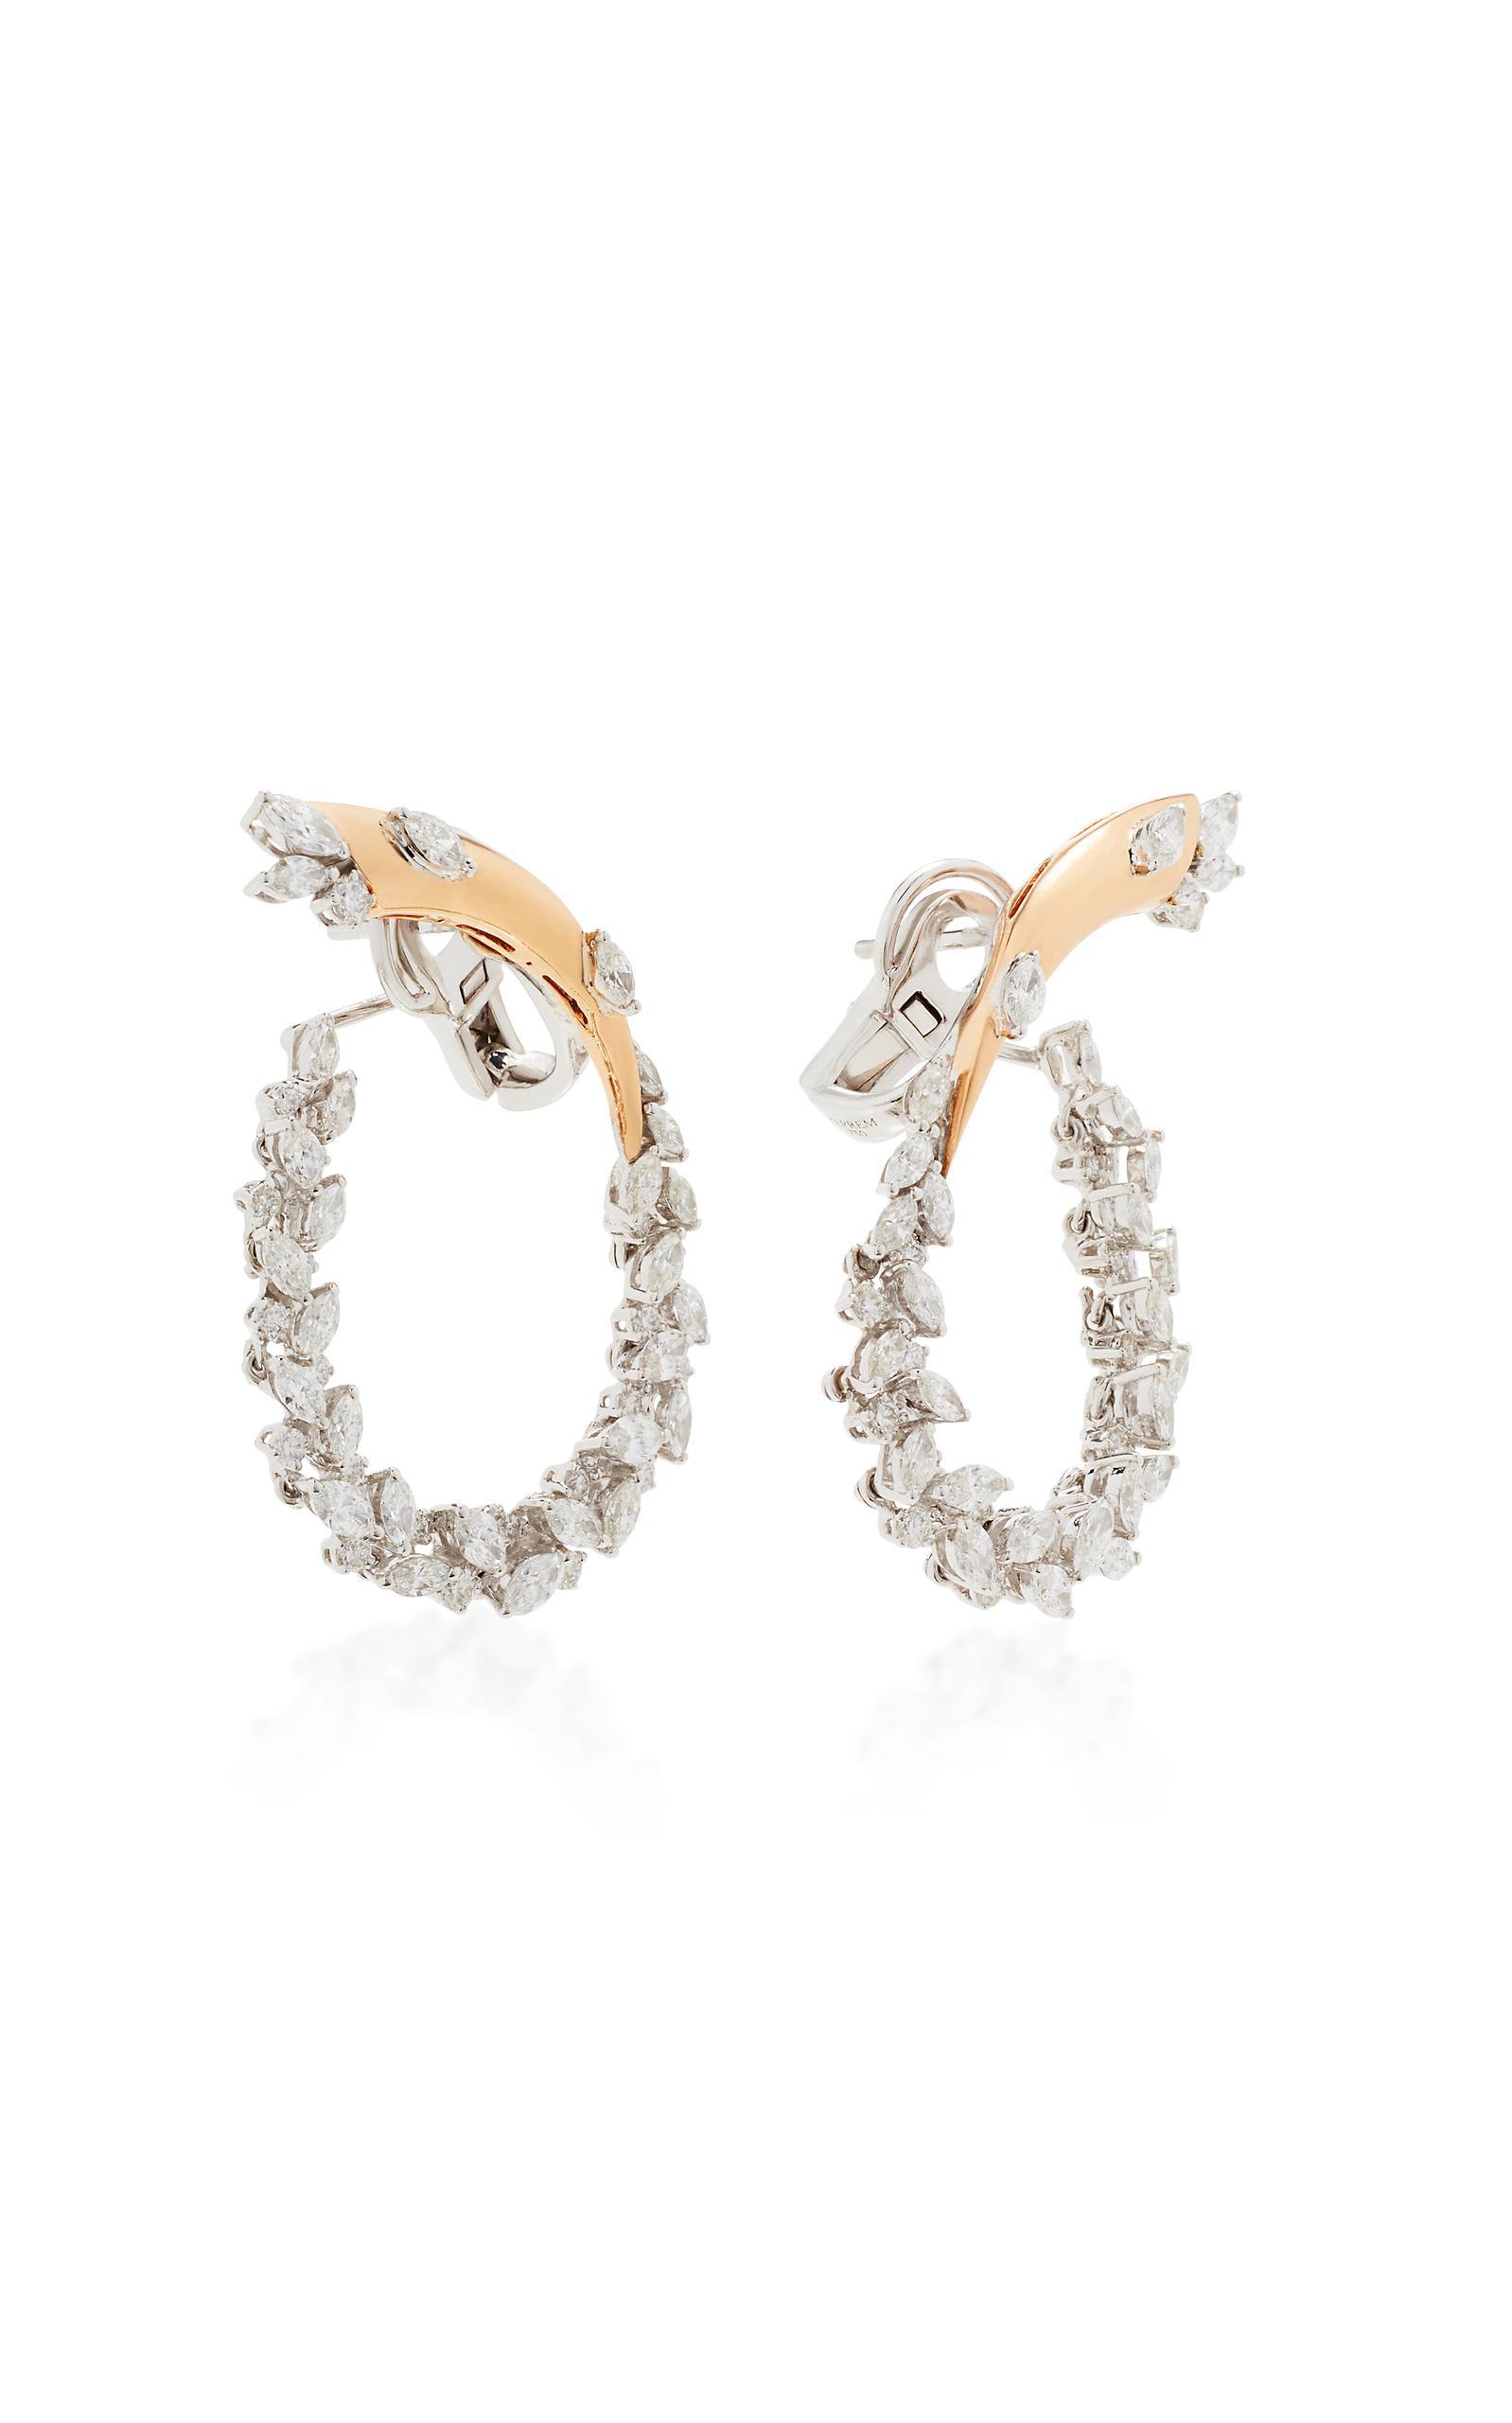 Chevalier Hoop With Extension Earrings Yeprem Bwtgf4uYaM